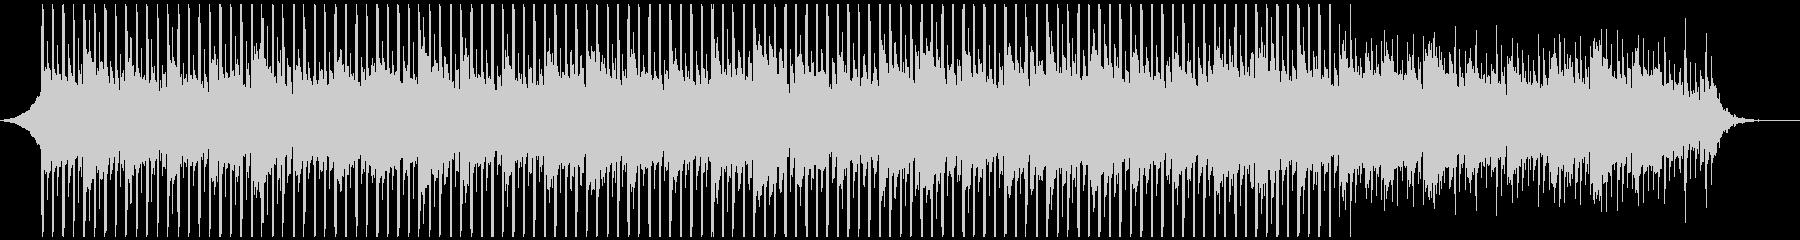 これは情報です(中)の未再生の波形